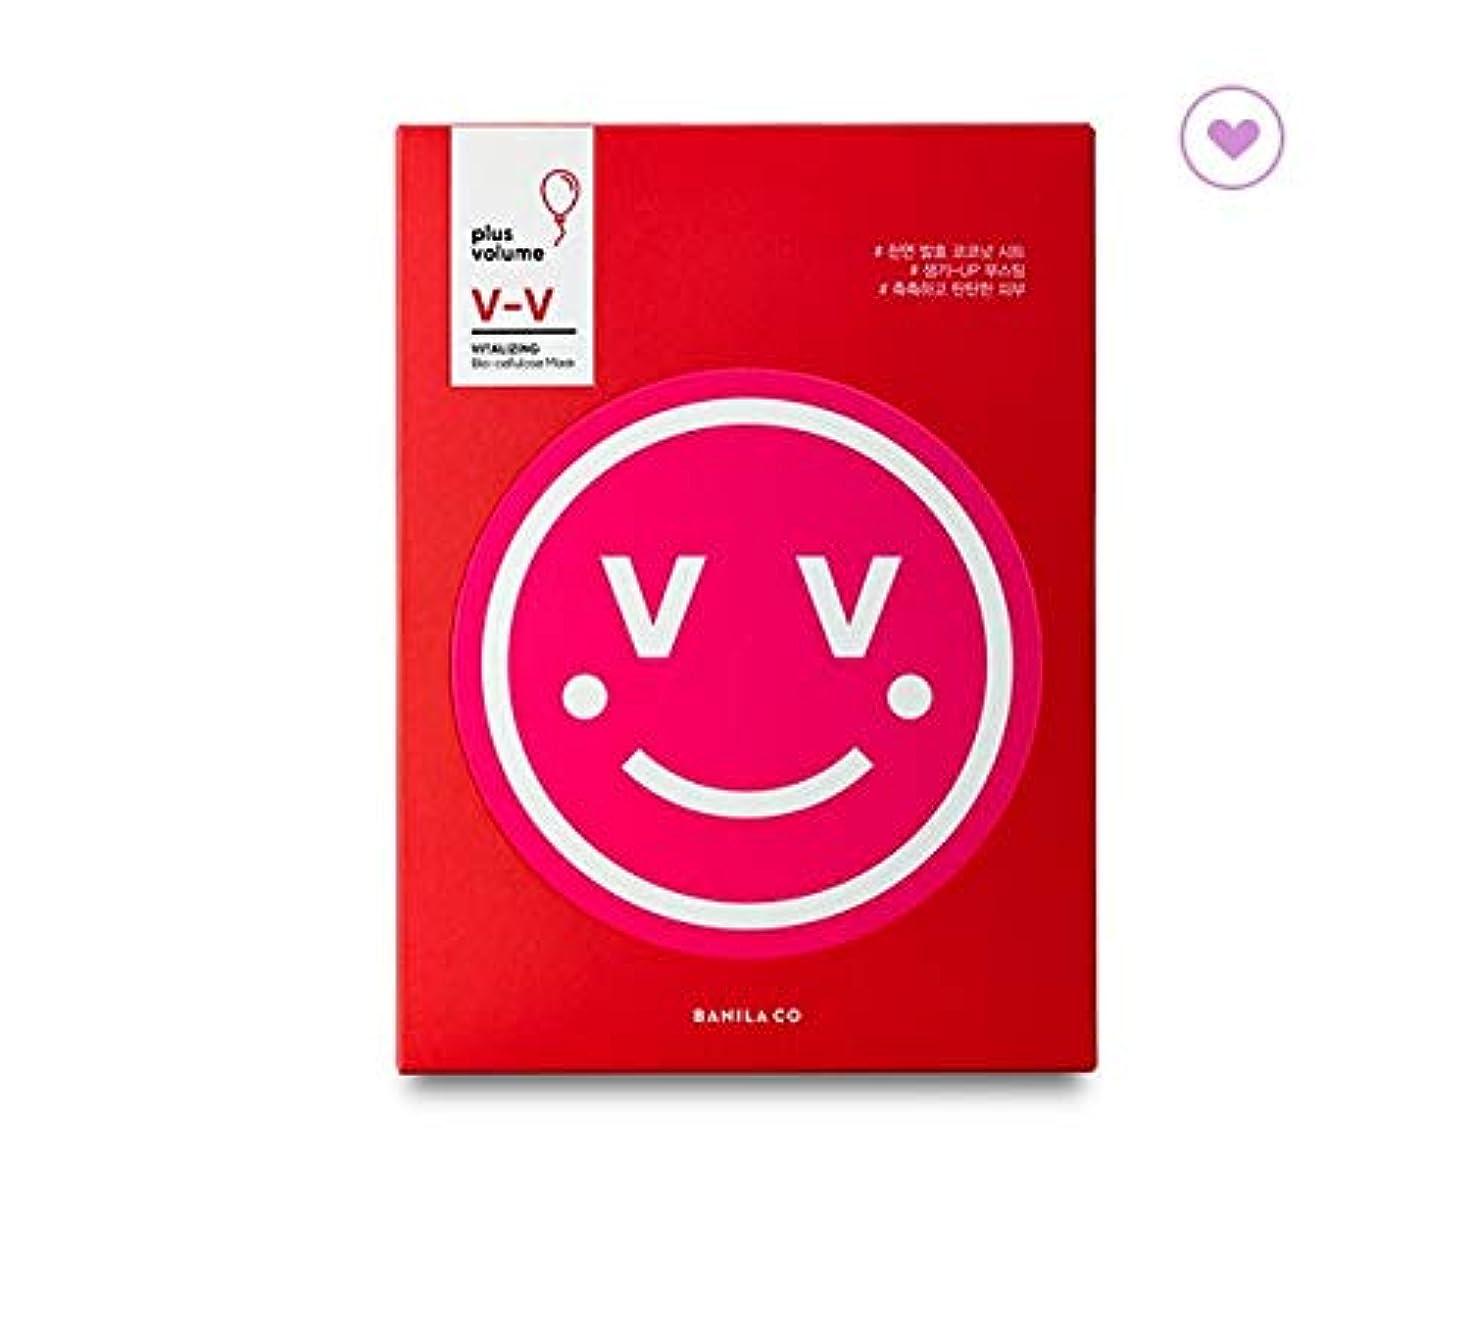 スタウト証人リンクbanilaco V-V Vitalizing Bioセルロースマスク/V-V Vitalizing Bio Cellulose Mask 25ml*5 [並行輸入品]